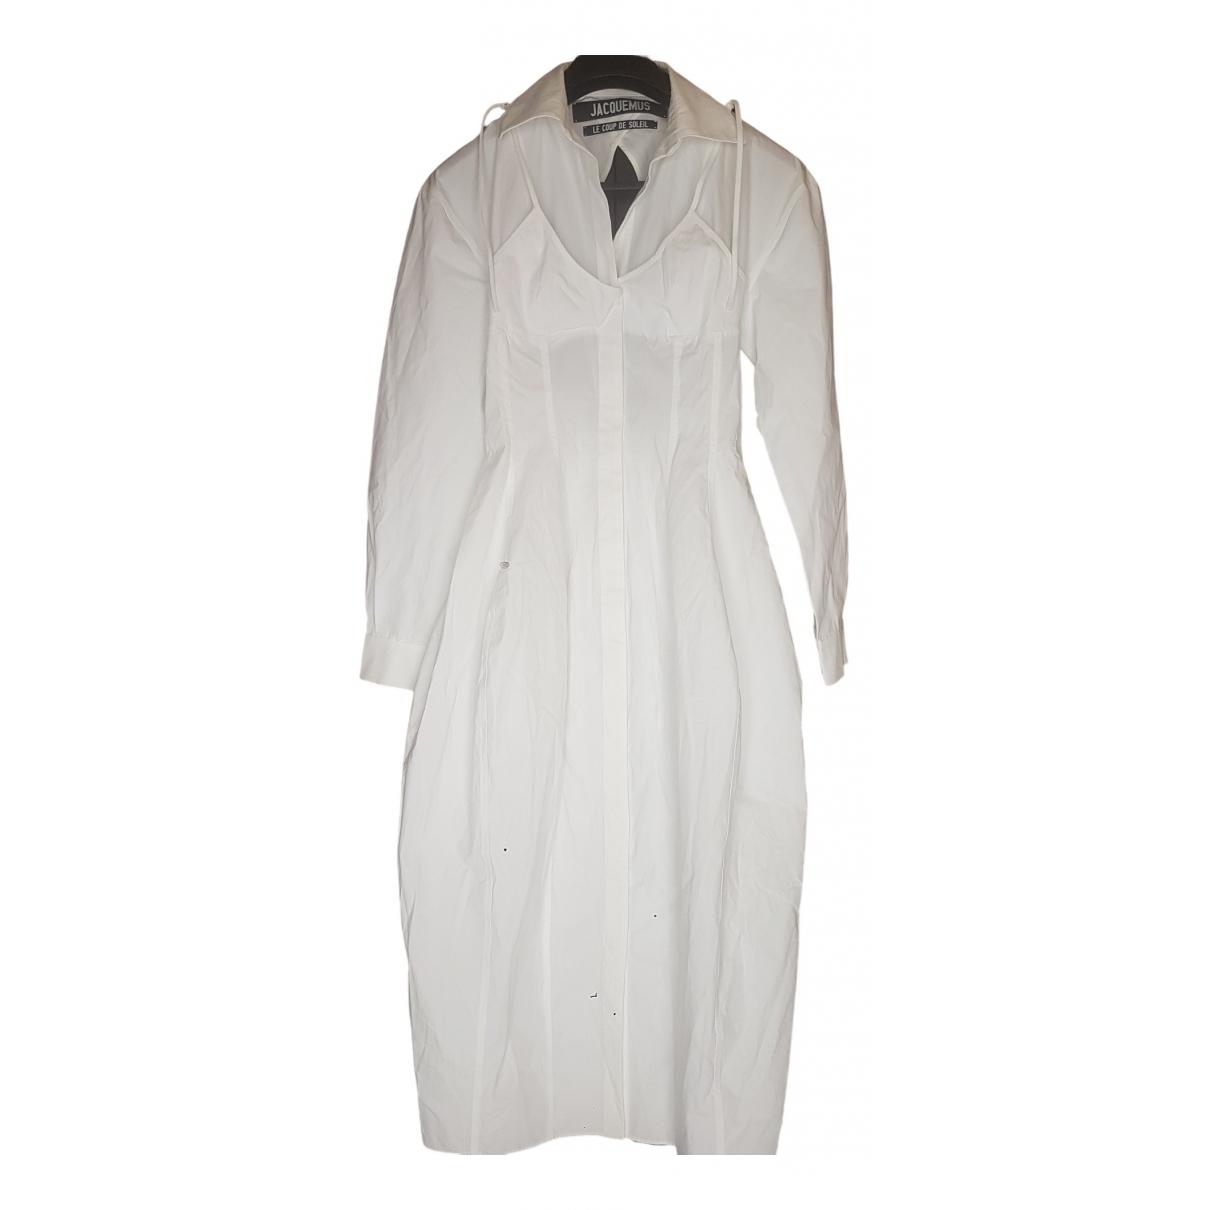 Jacquemus Le coup de soleil White Cotton dress for Women 36 FR